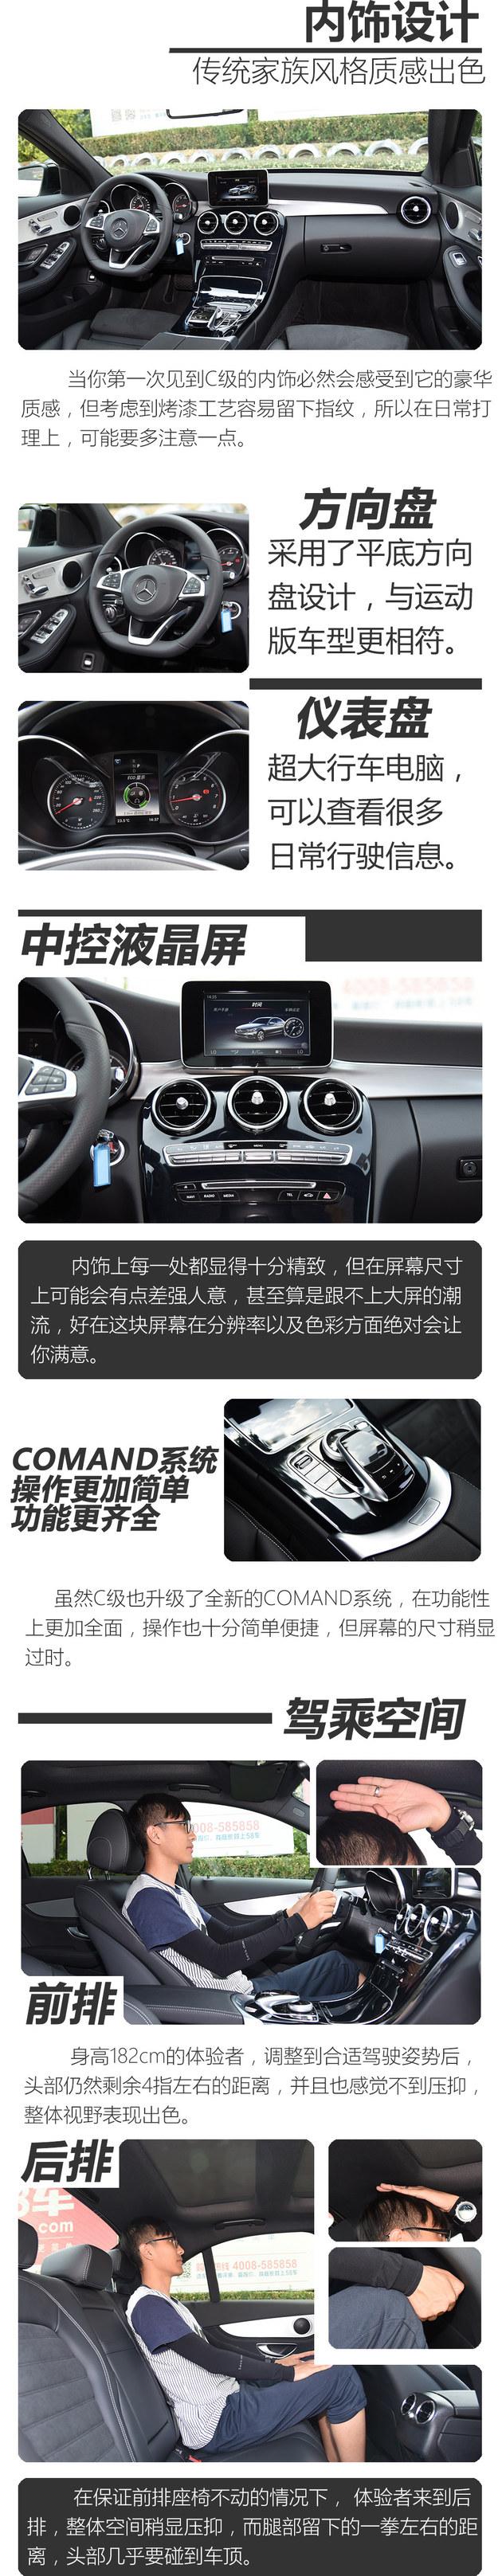 奔驰C 200 4MATIC测试 升级9挡铸就质感